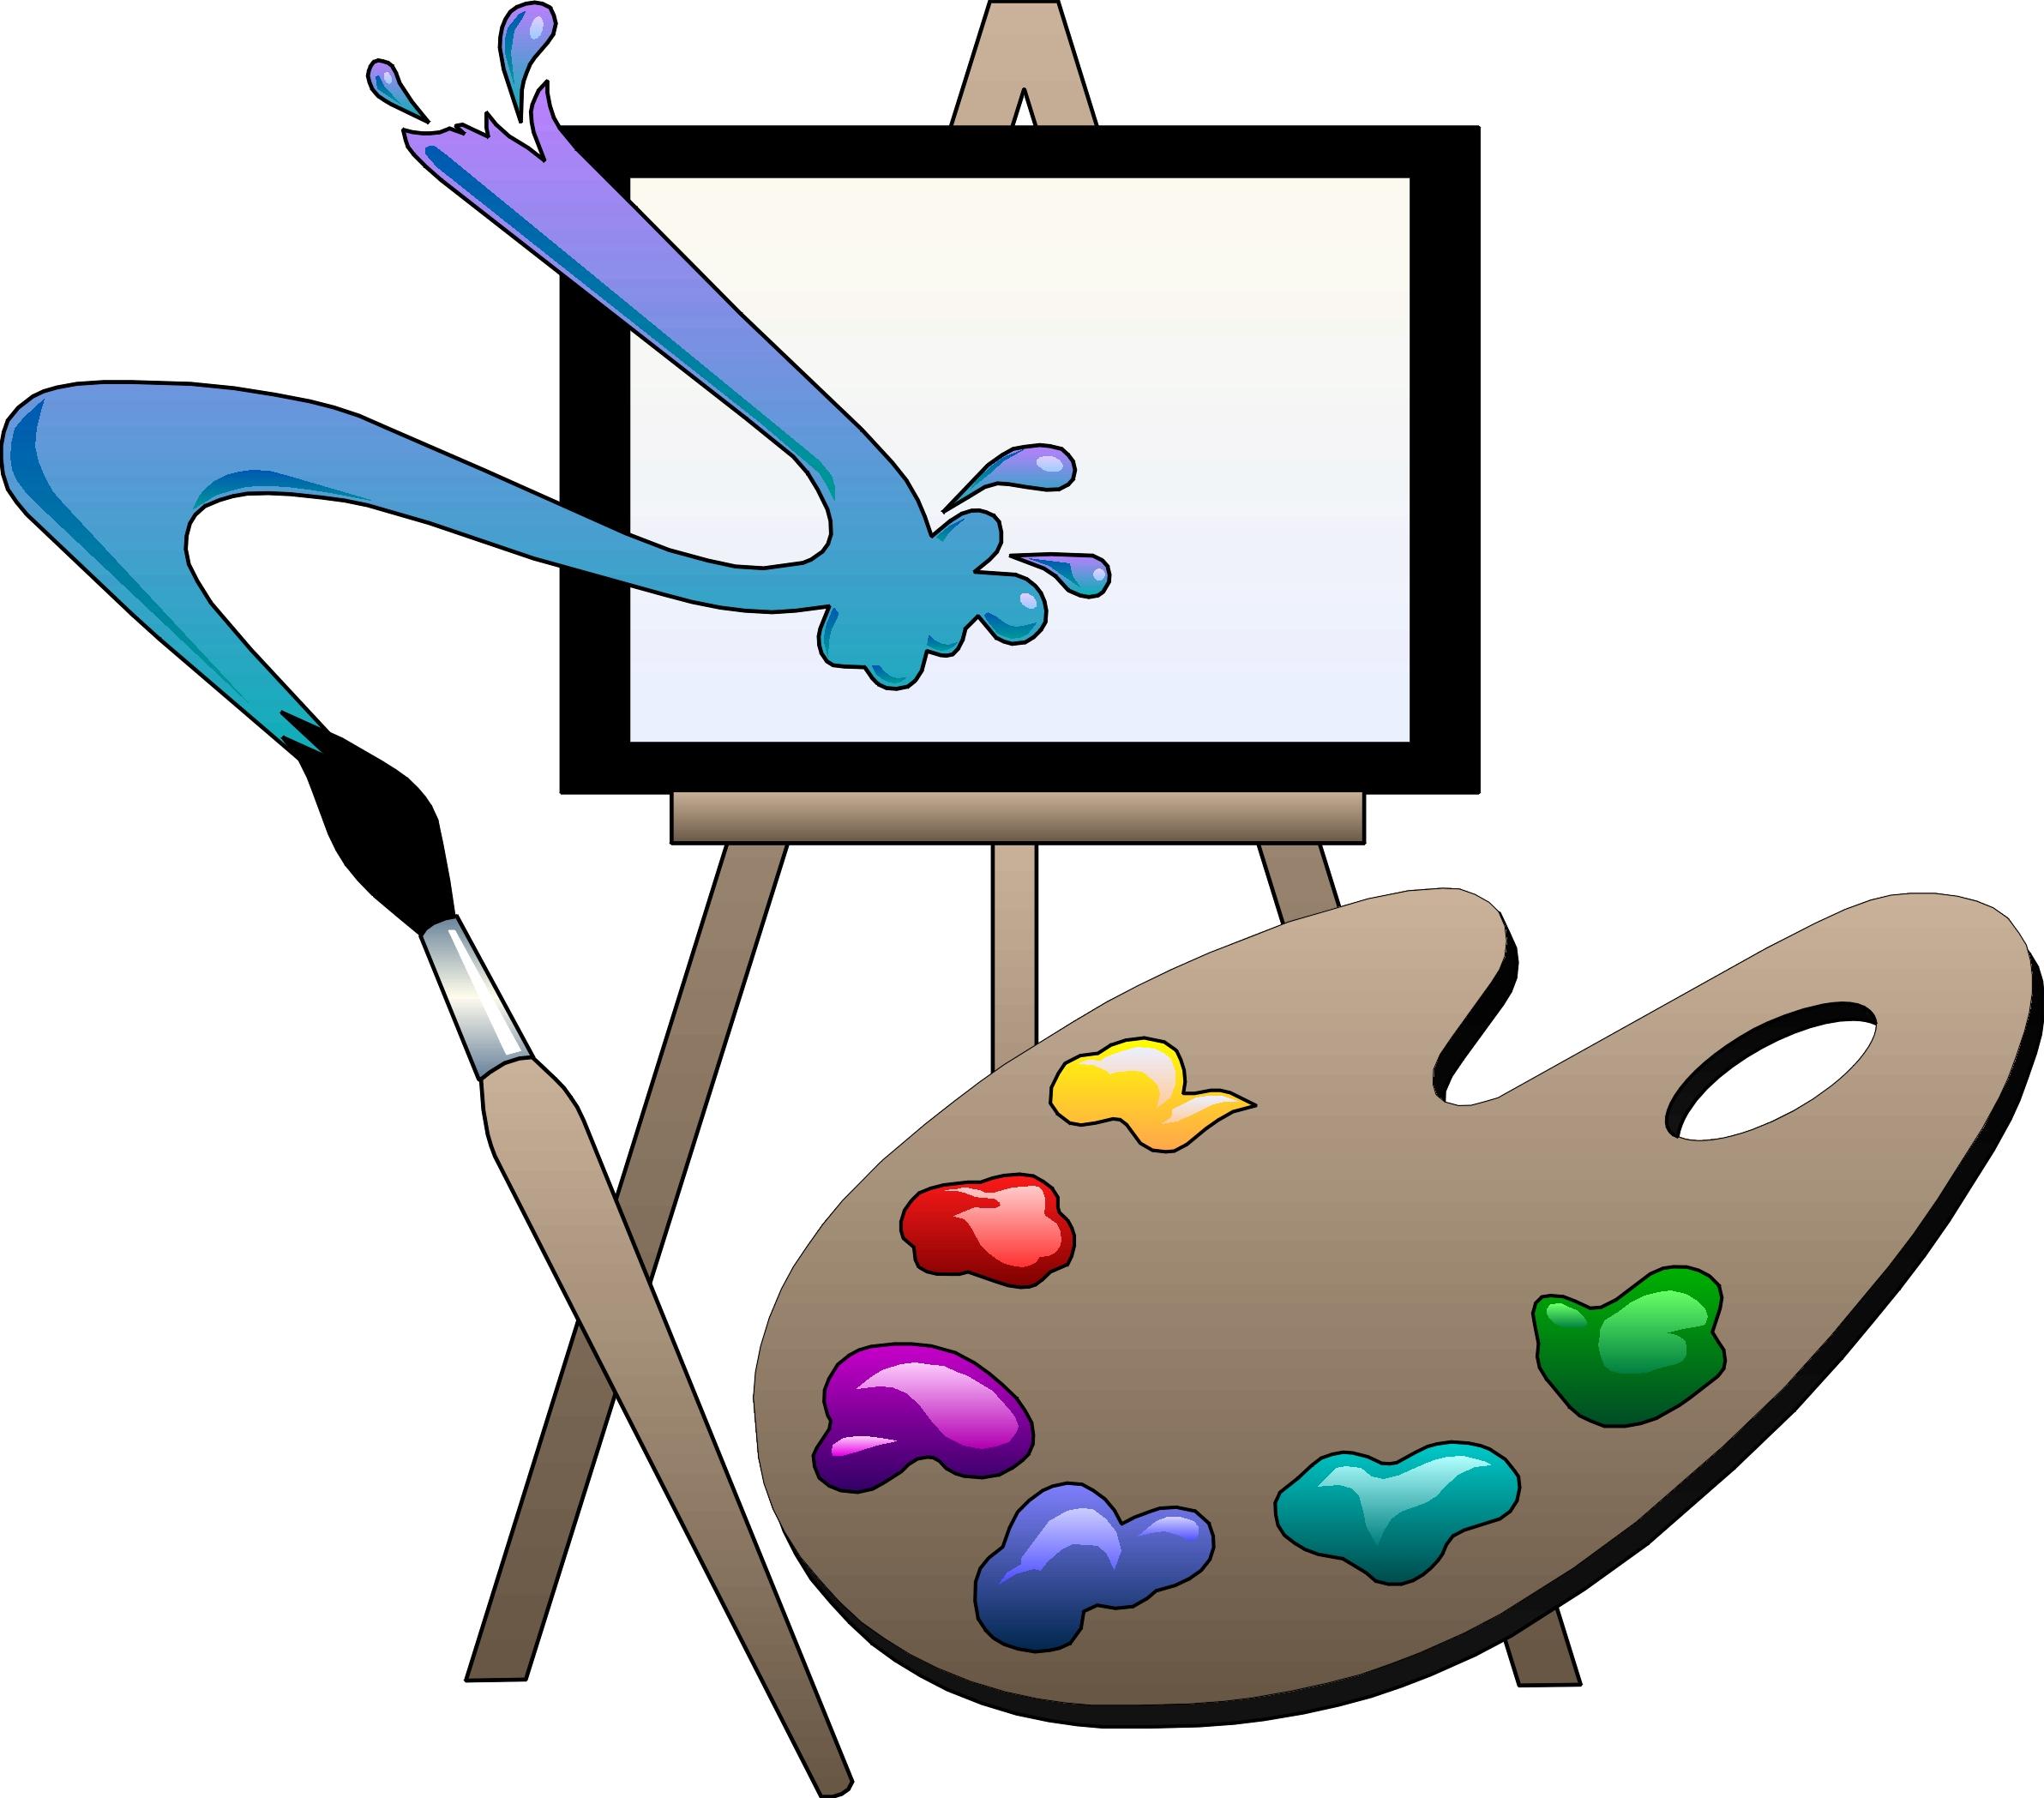 Компьютерное искусство и компьютерный дизайн